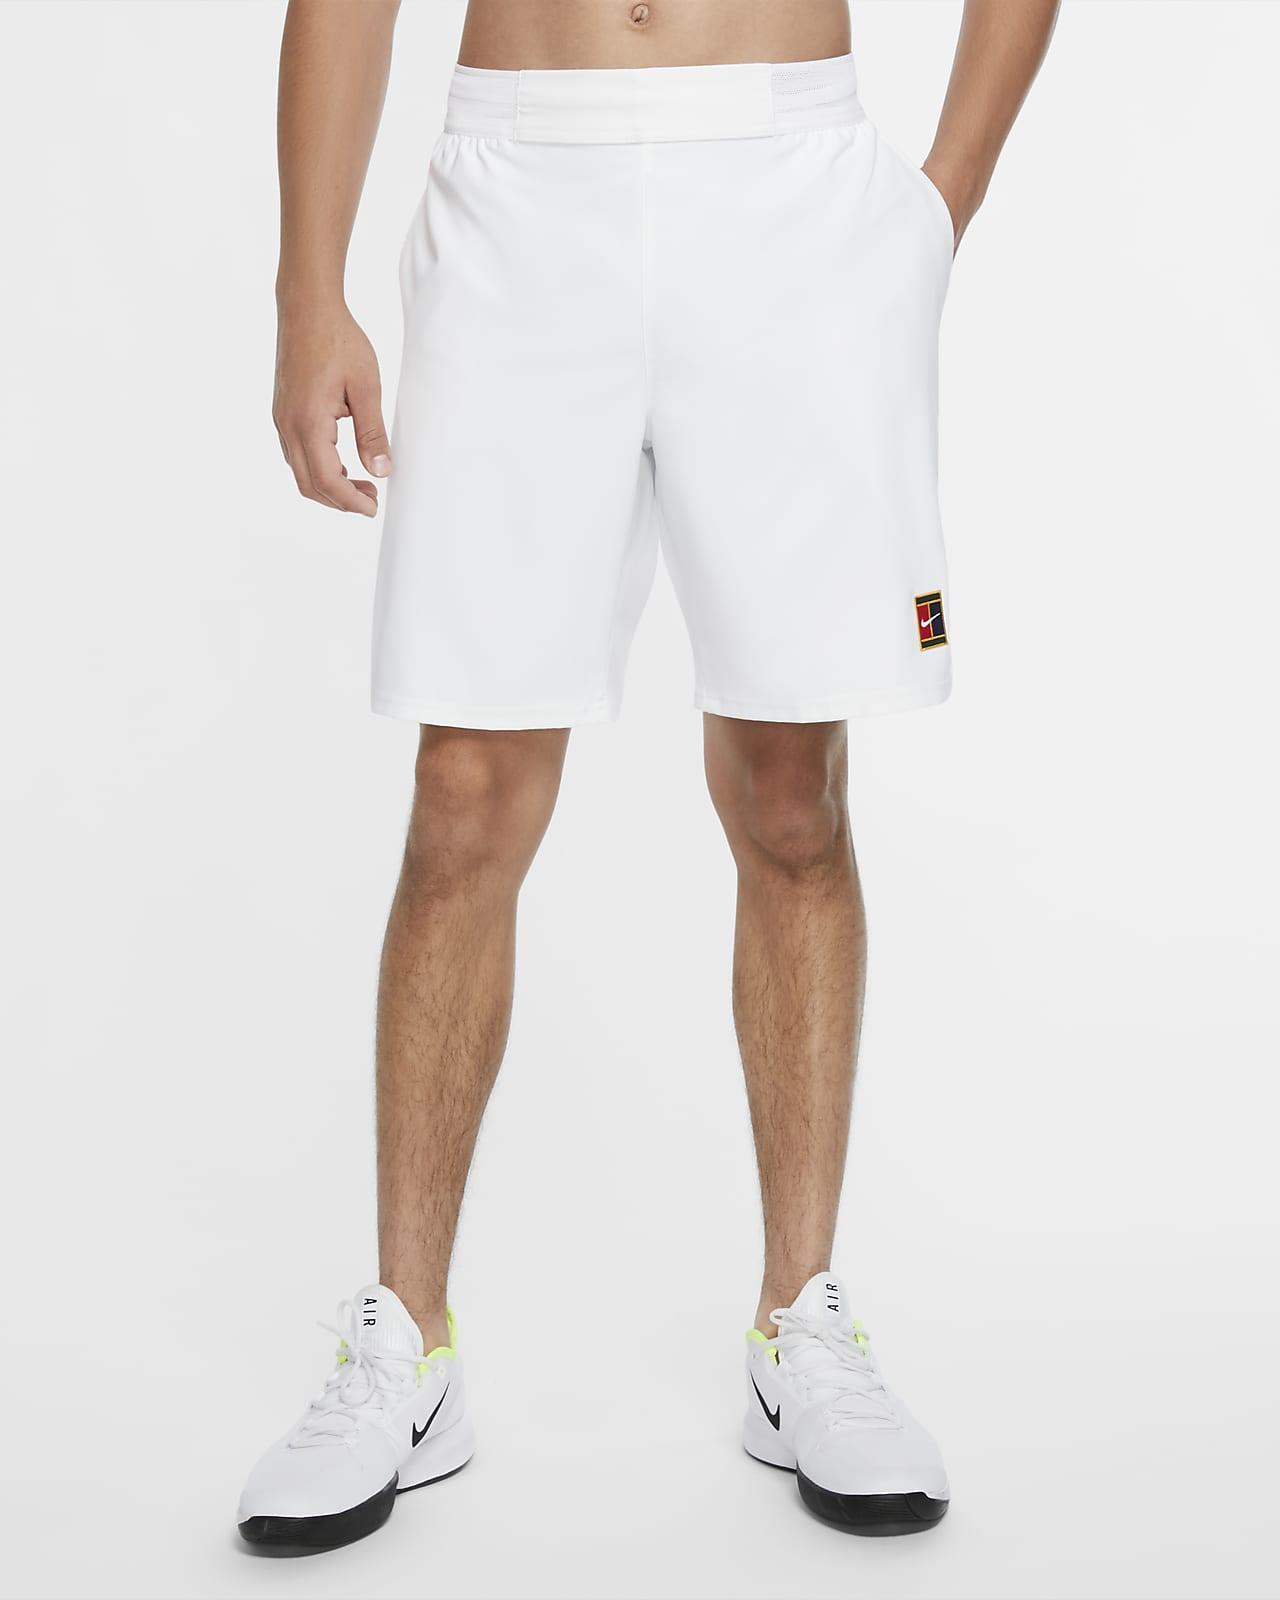 NikeCourt Flex Ace Pantalons curts de tennis (23 cm) - Home